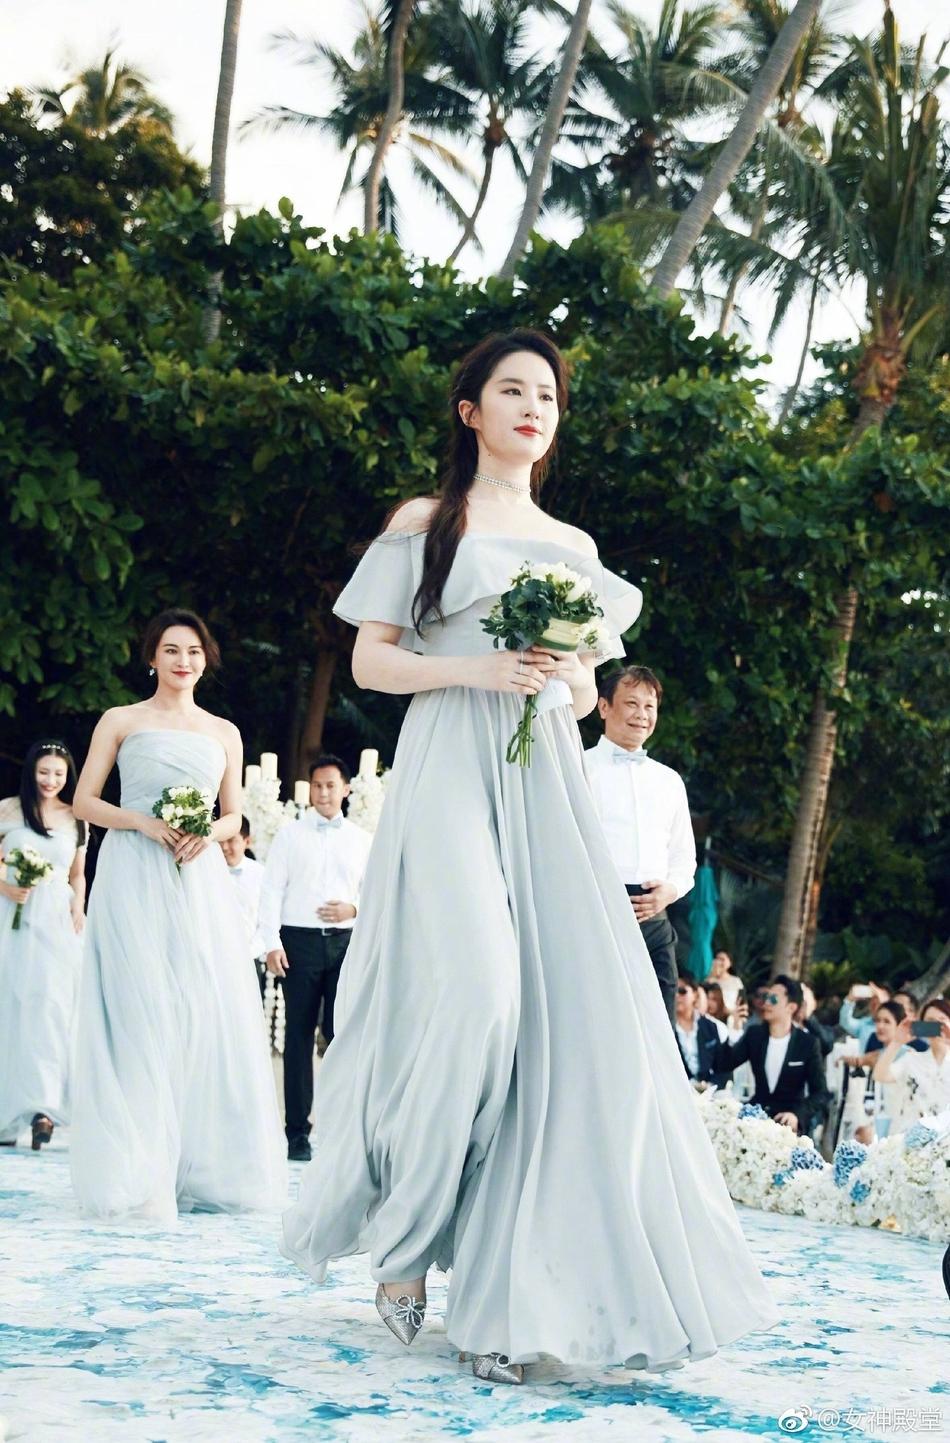 刘亦菲率领伴娘团参加婚礼 突破颜值巅峰